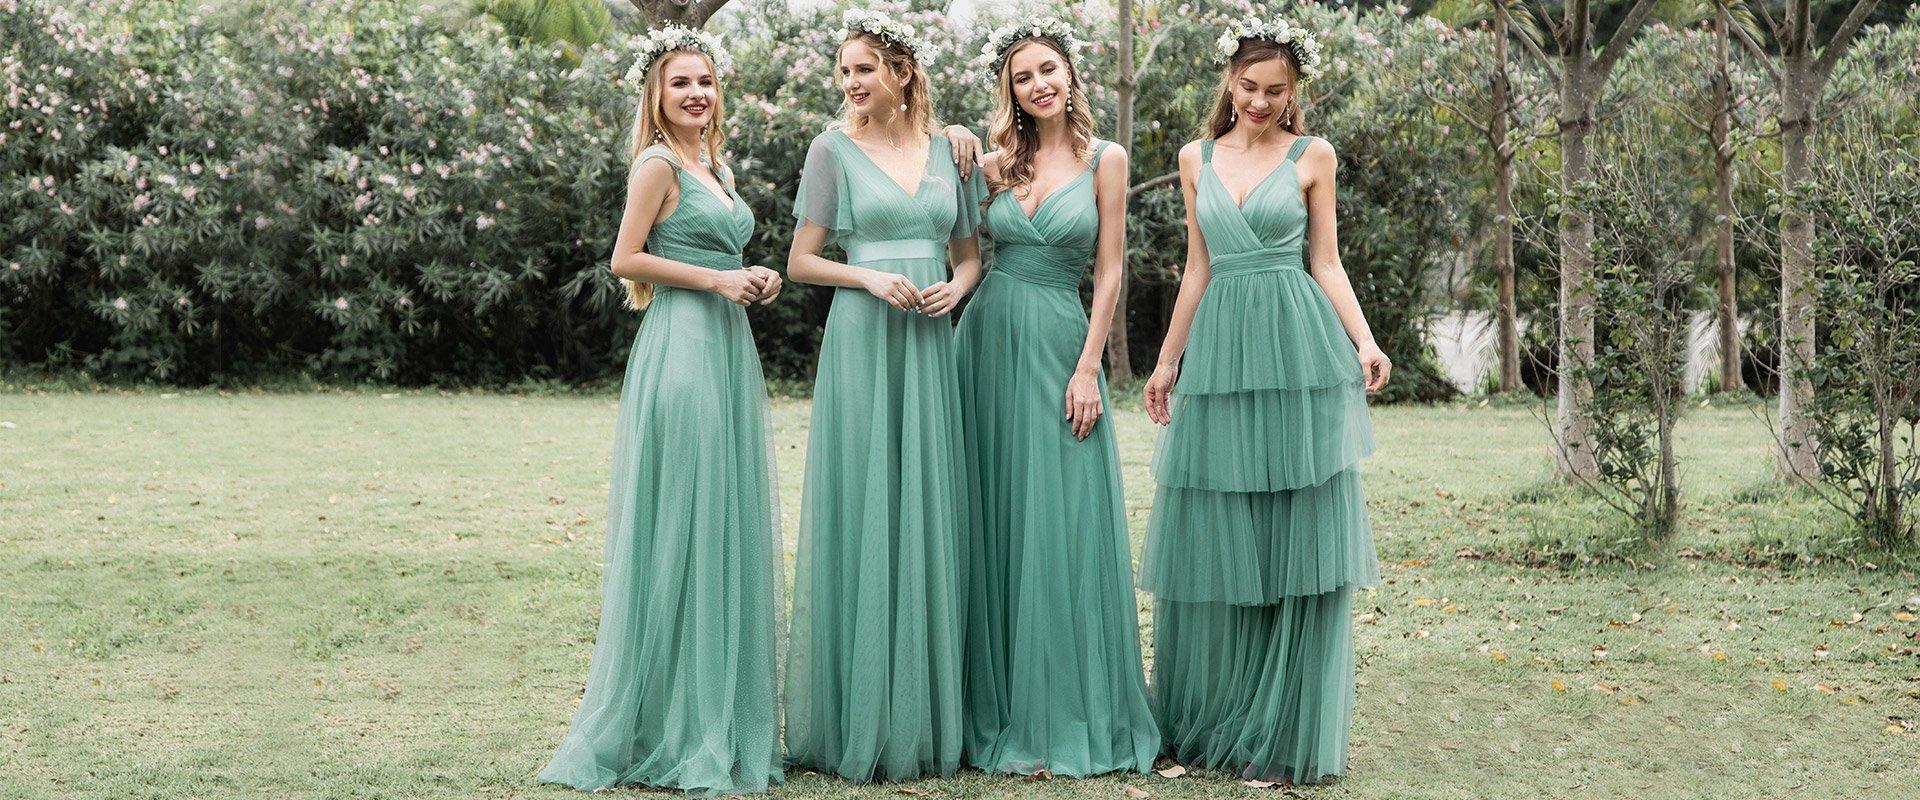 společenské šaty na svatbu i ples.